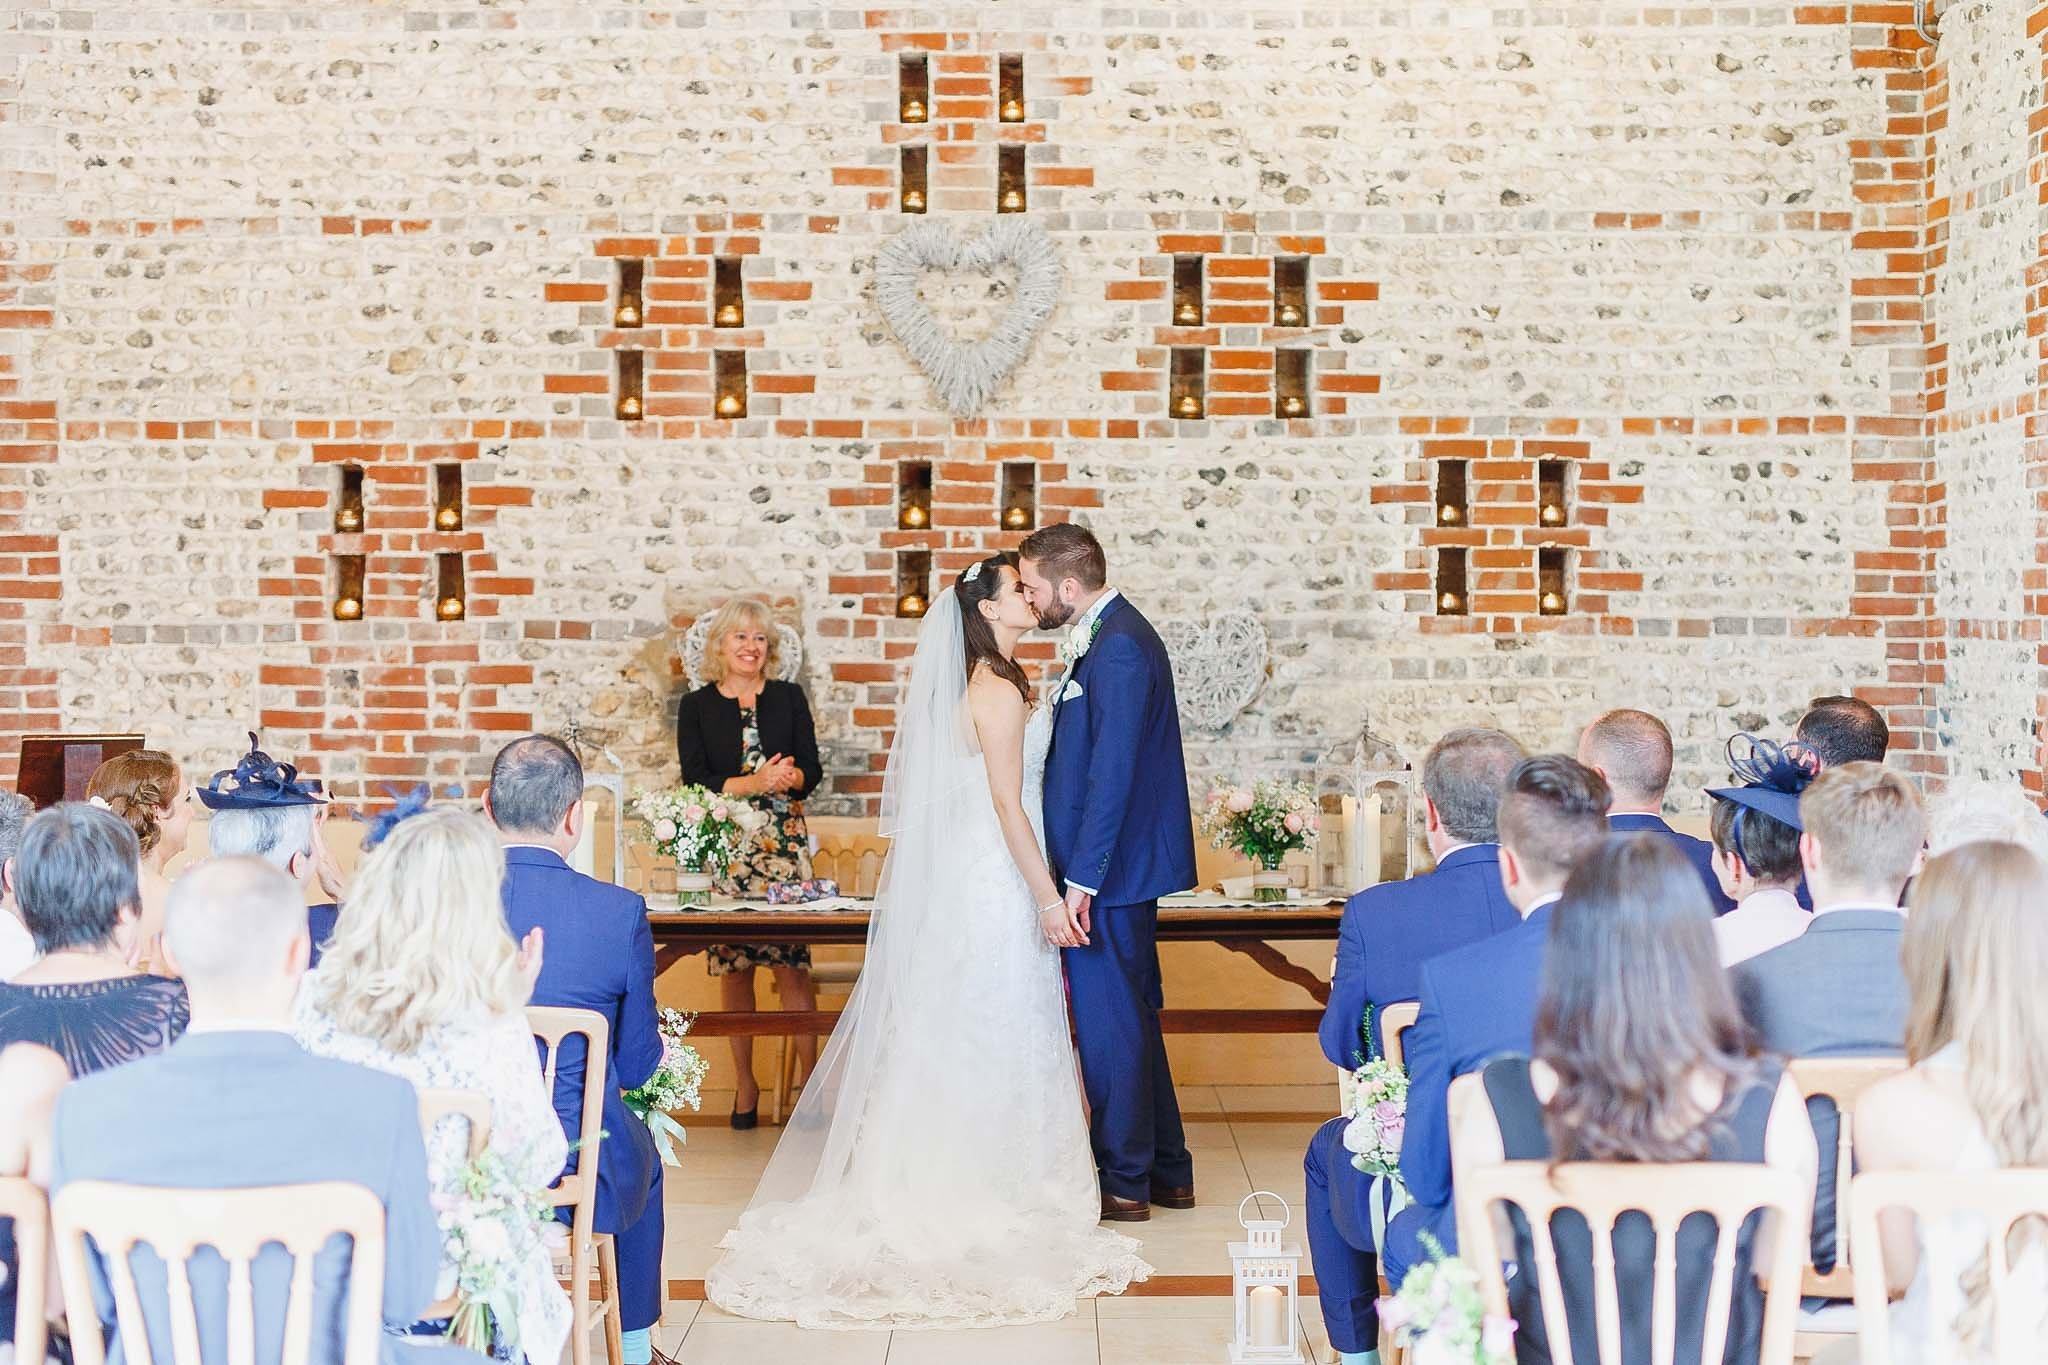 Real Wedding Ceremony